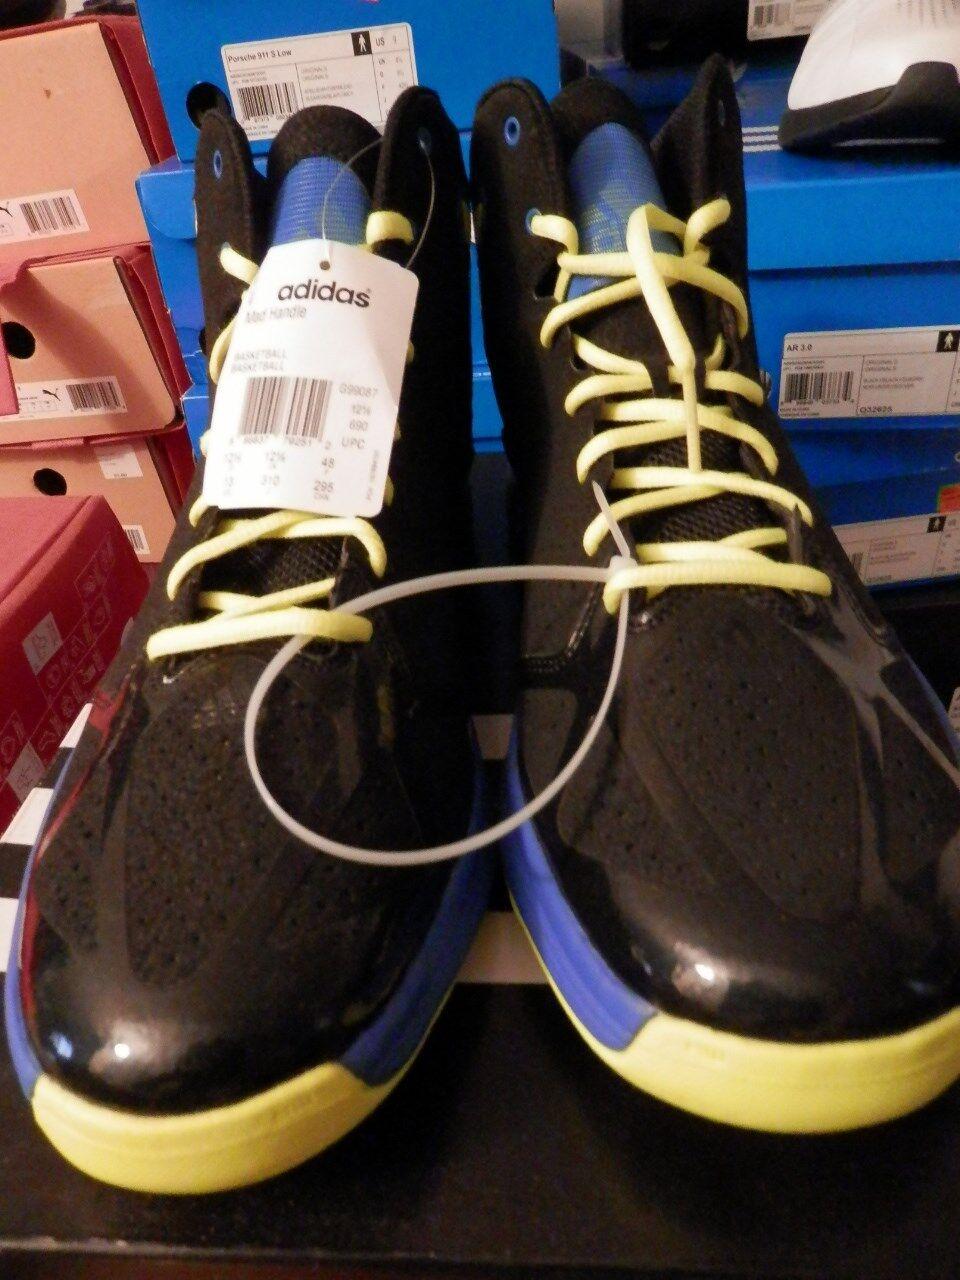 Nuova Nuova Nuova mens adidas arrabbiato gestire atletico 13 m scarpe stile   g99087 calo dei prezzi.   Per La Vostra Selezione    Maschio/Ragazze Scarpa  78ef5f